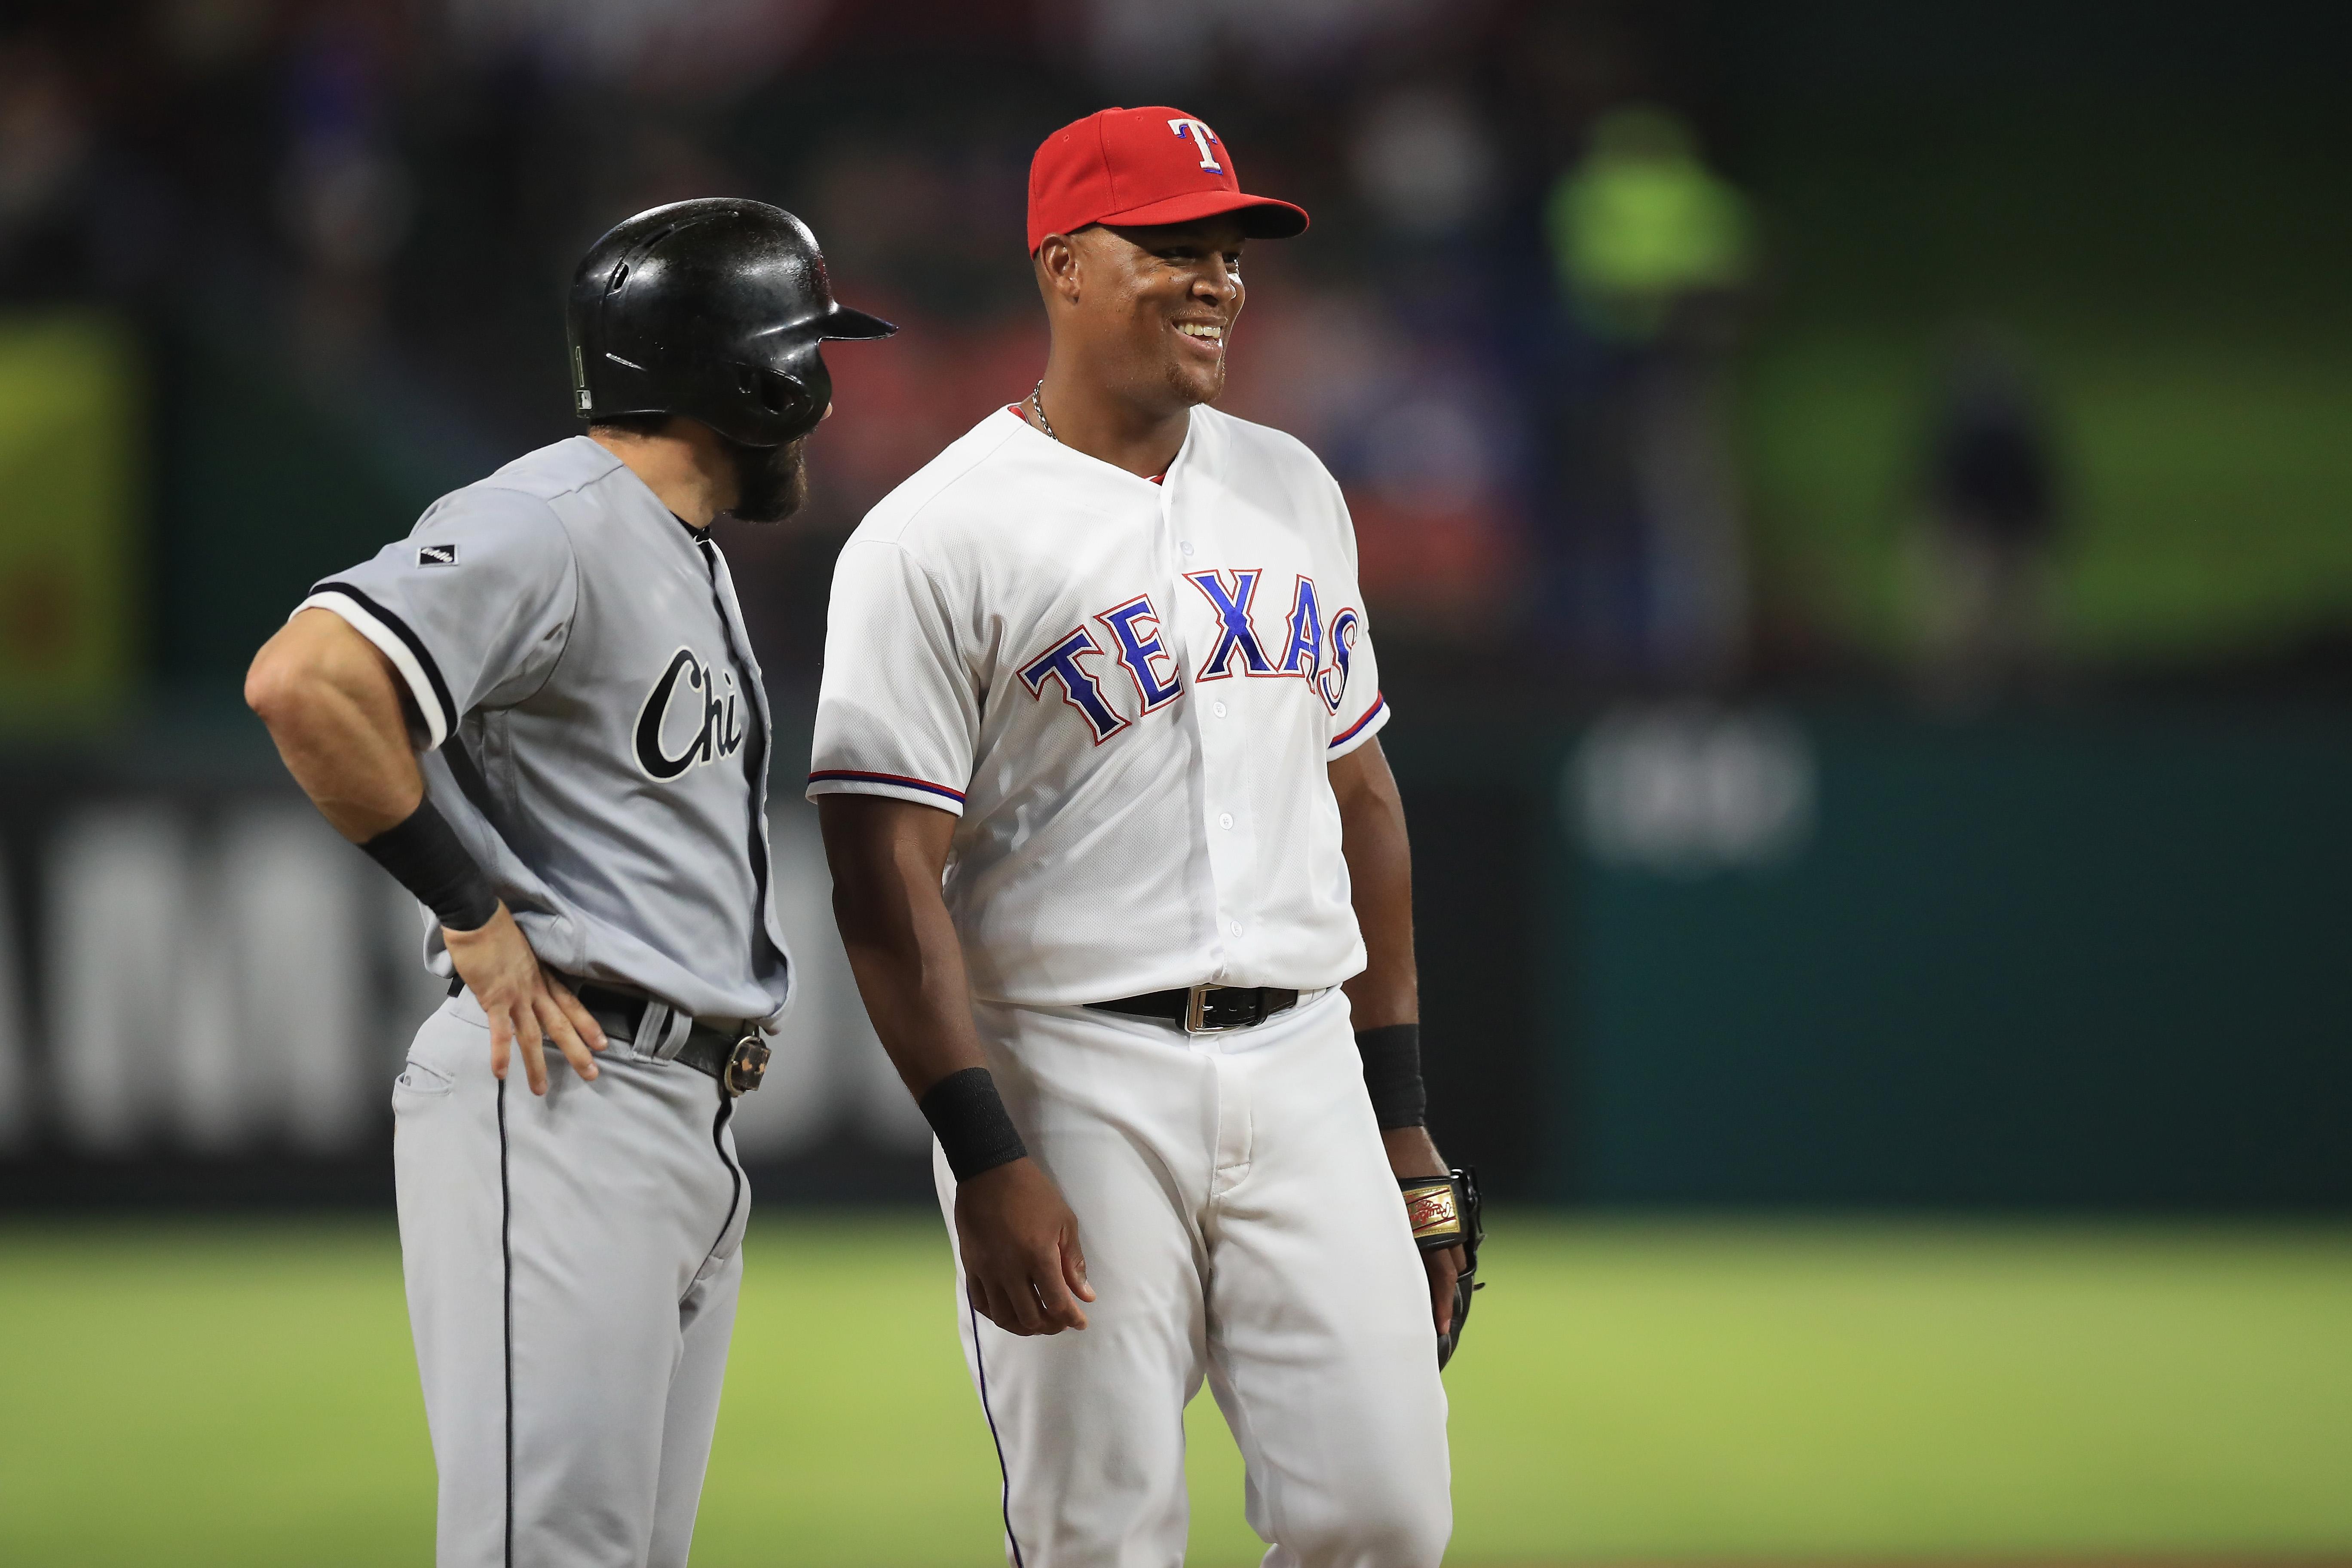 Adrián Beltré (d), de los Rangers de Texas, durante un partido contra los White Sox de Chicago el 10 de mayo del 2016. (Crédito: Ronald Martinez/Getty Images)